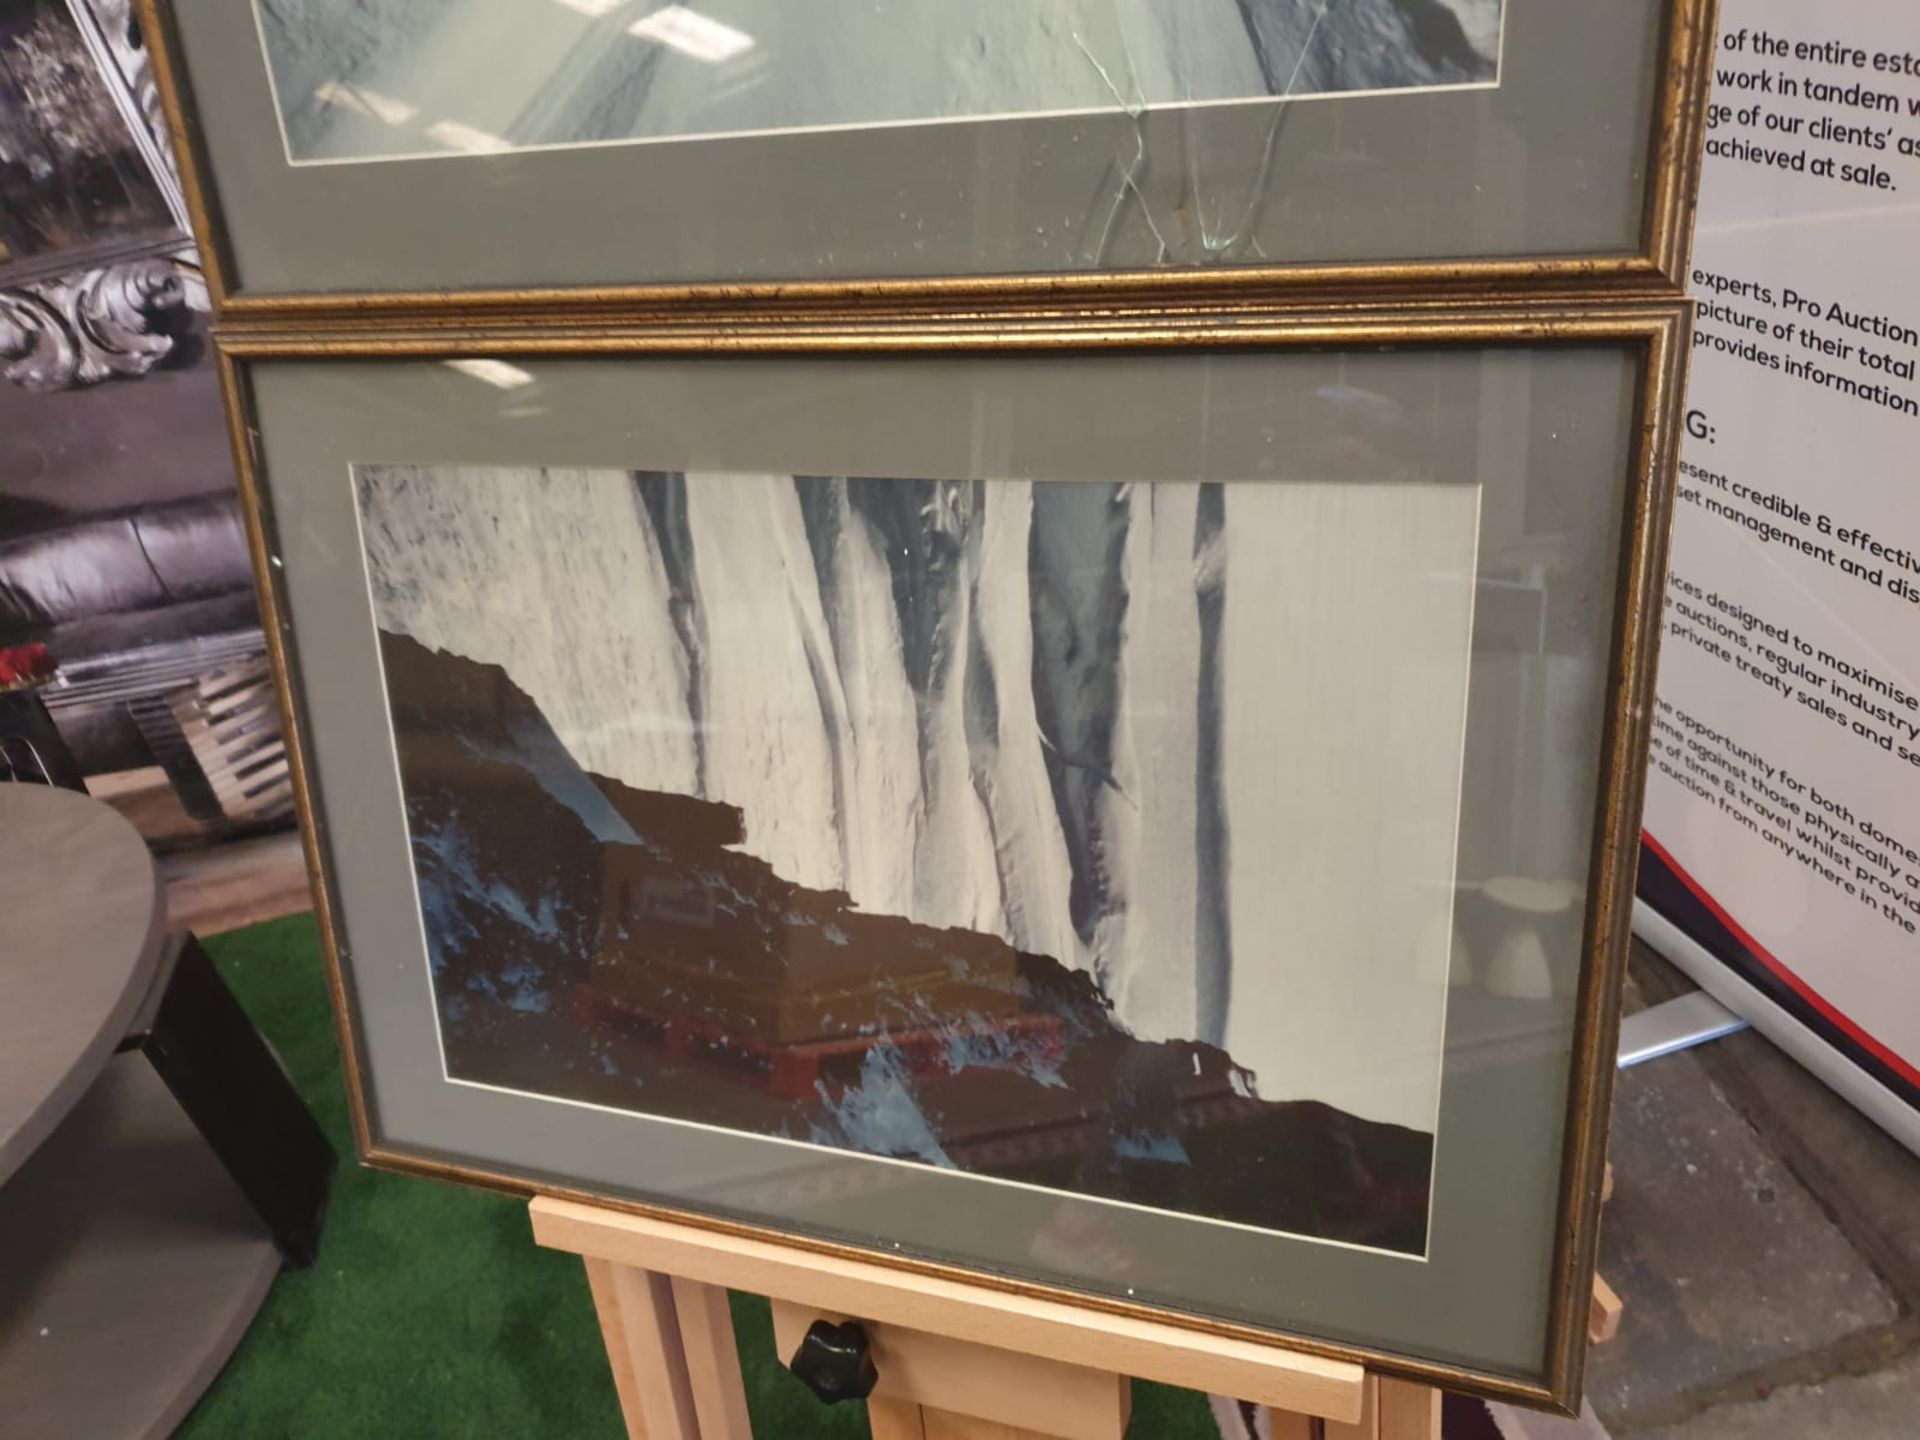 A set of 2 framed modern landscape picrures in frame 56 x 40cm - Image 4 of 5